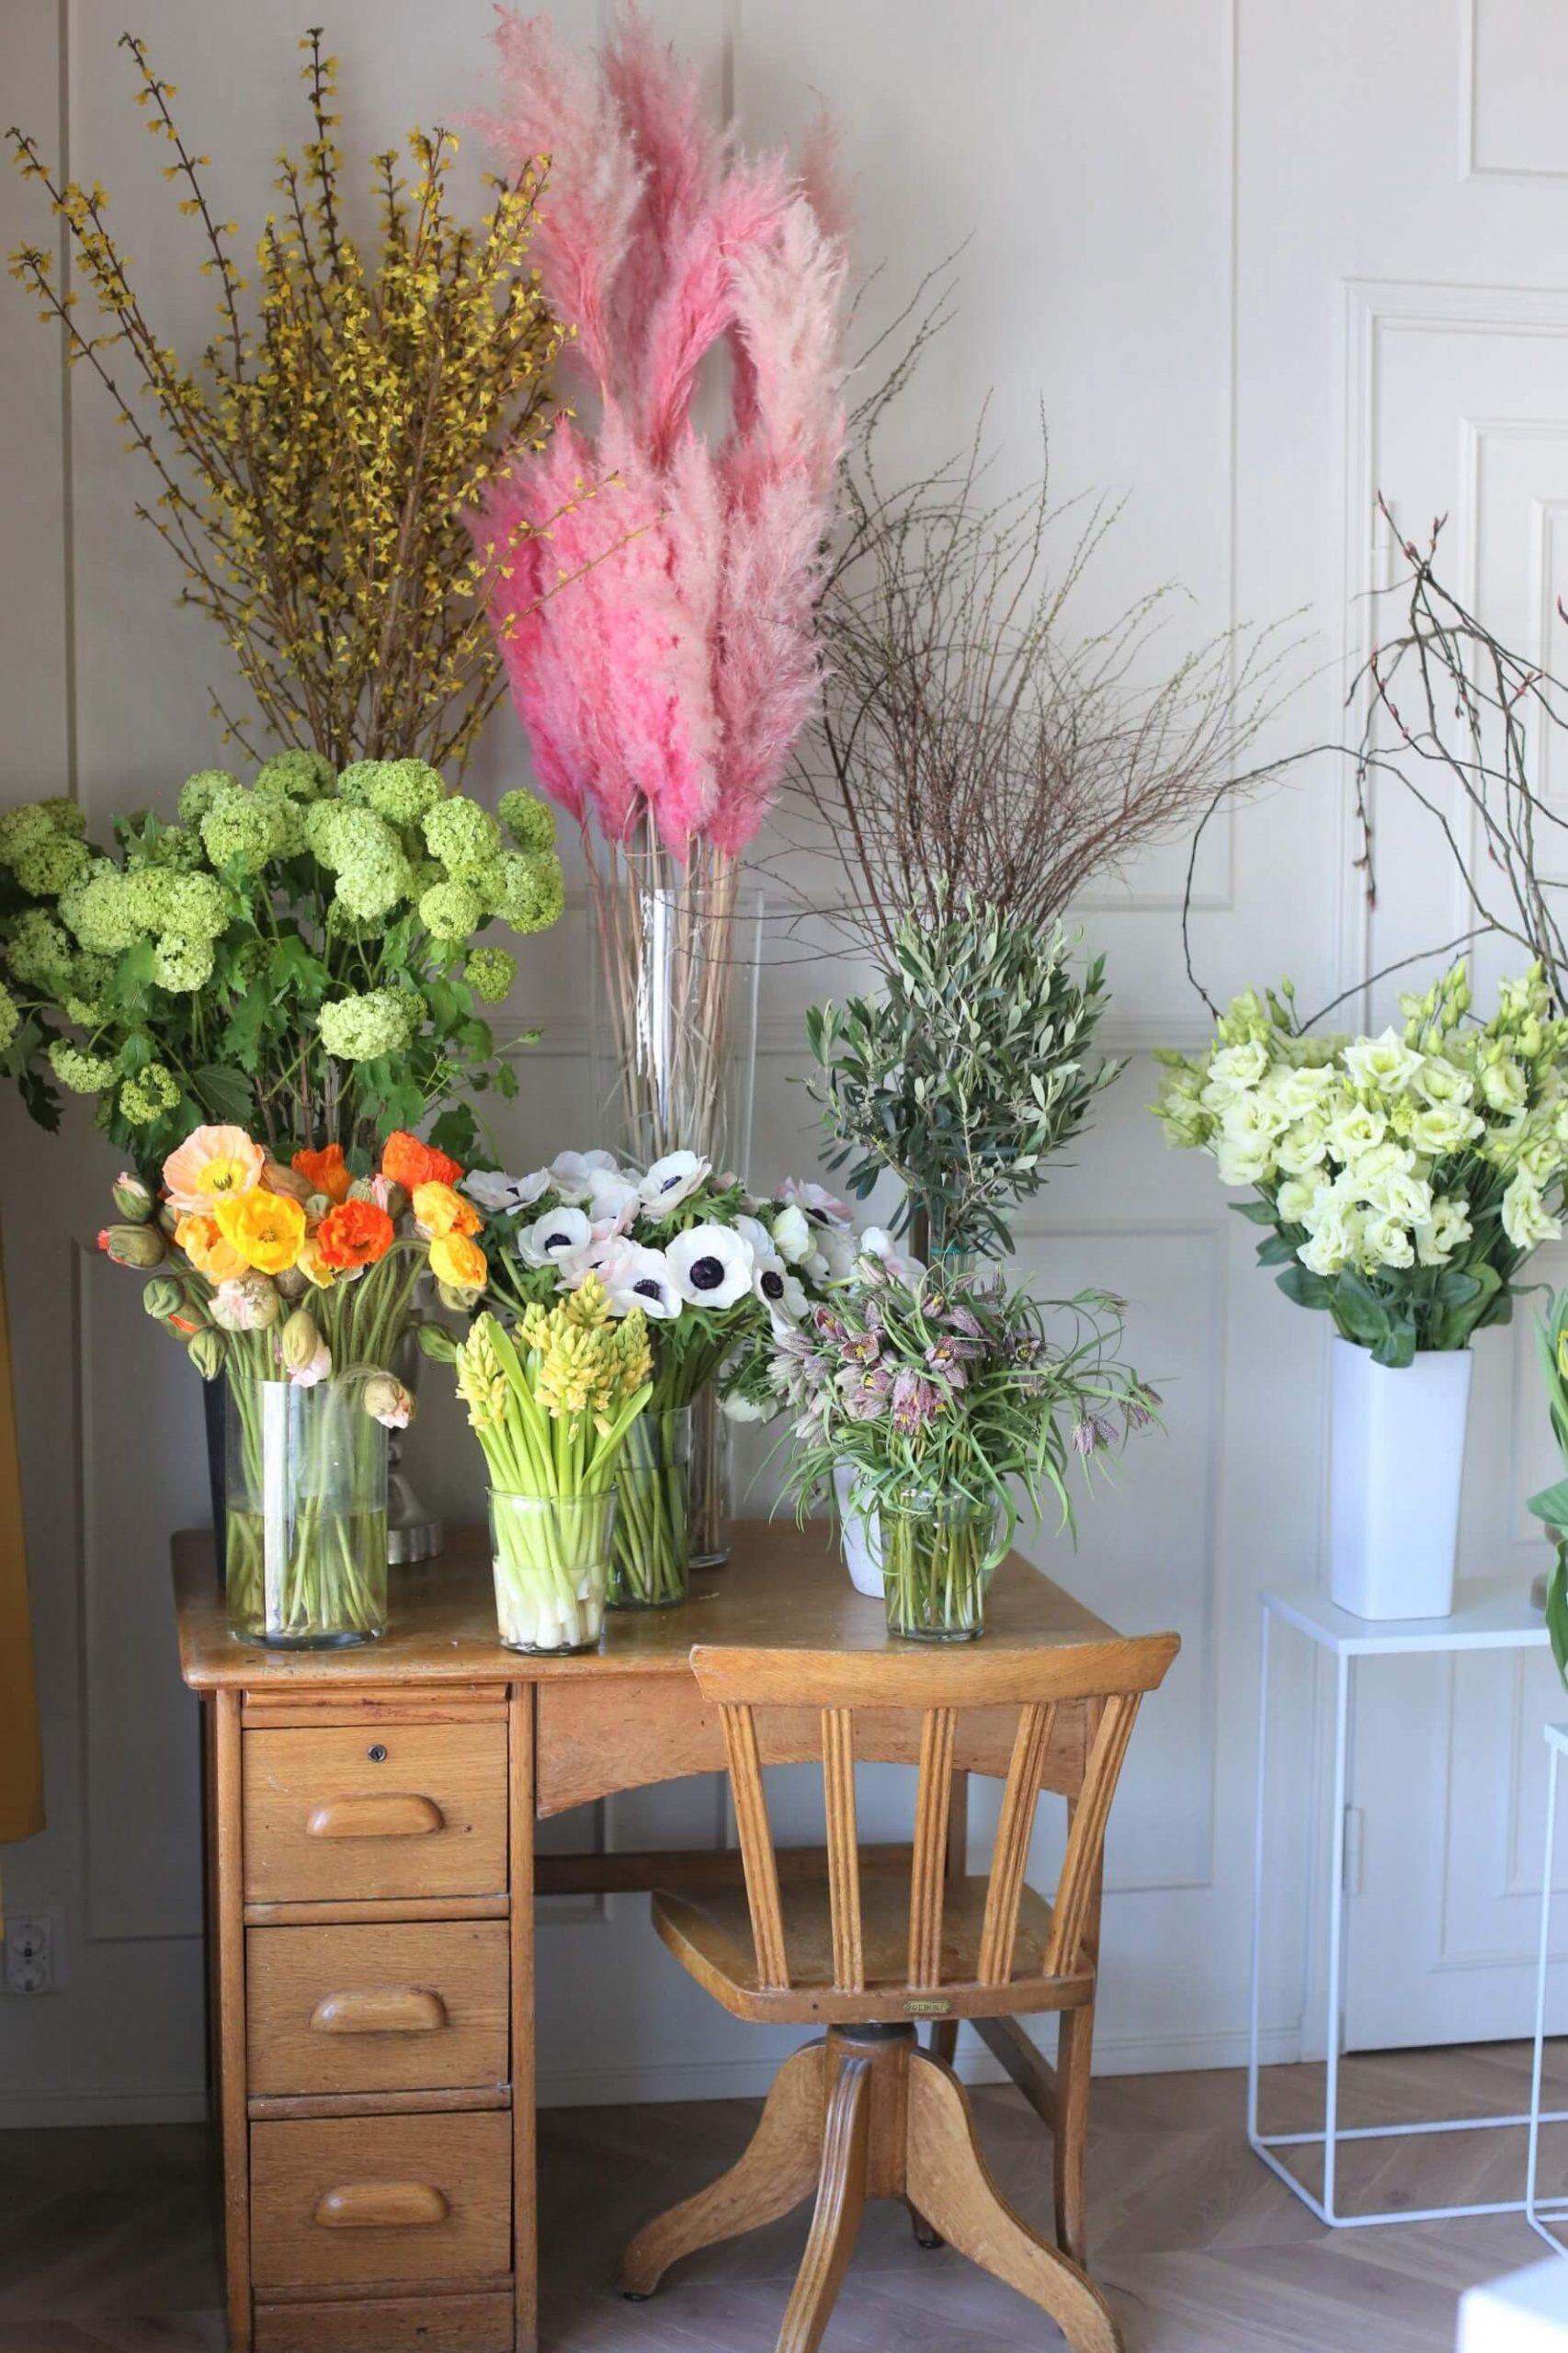 Kukkakoulumme viihtyisät tilat toimivat myös kuvauspaikkanamme usein.